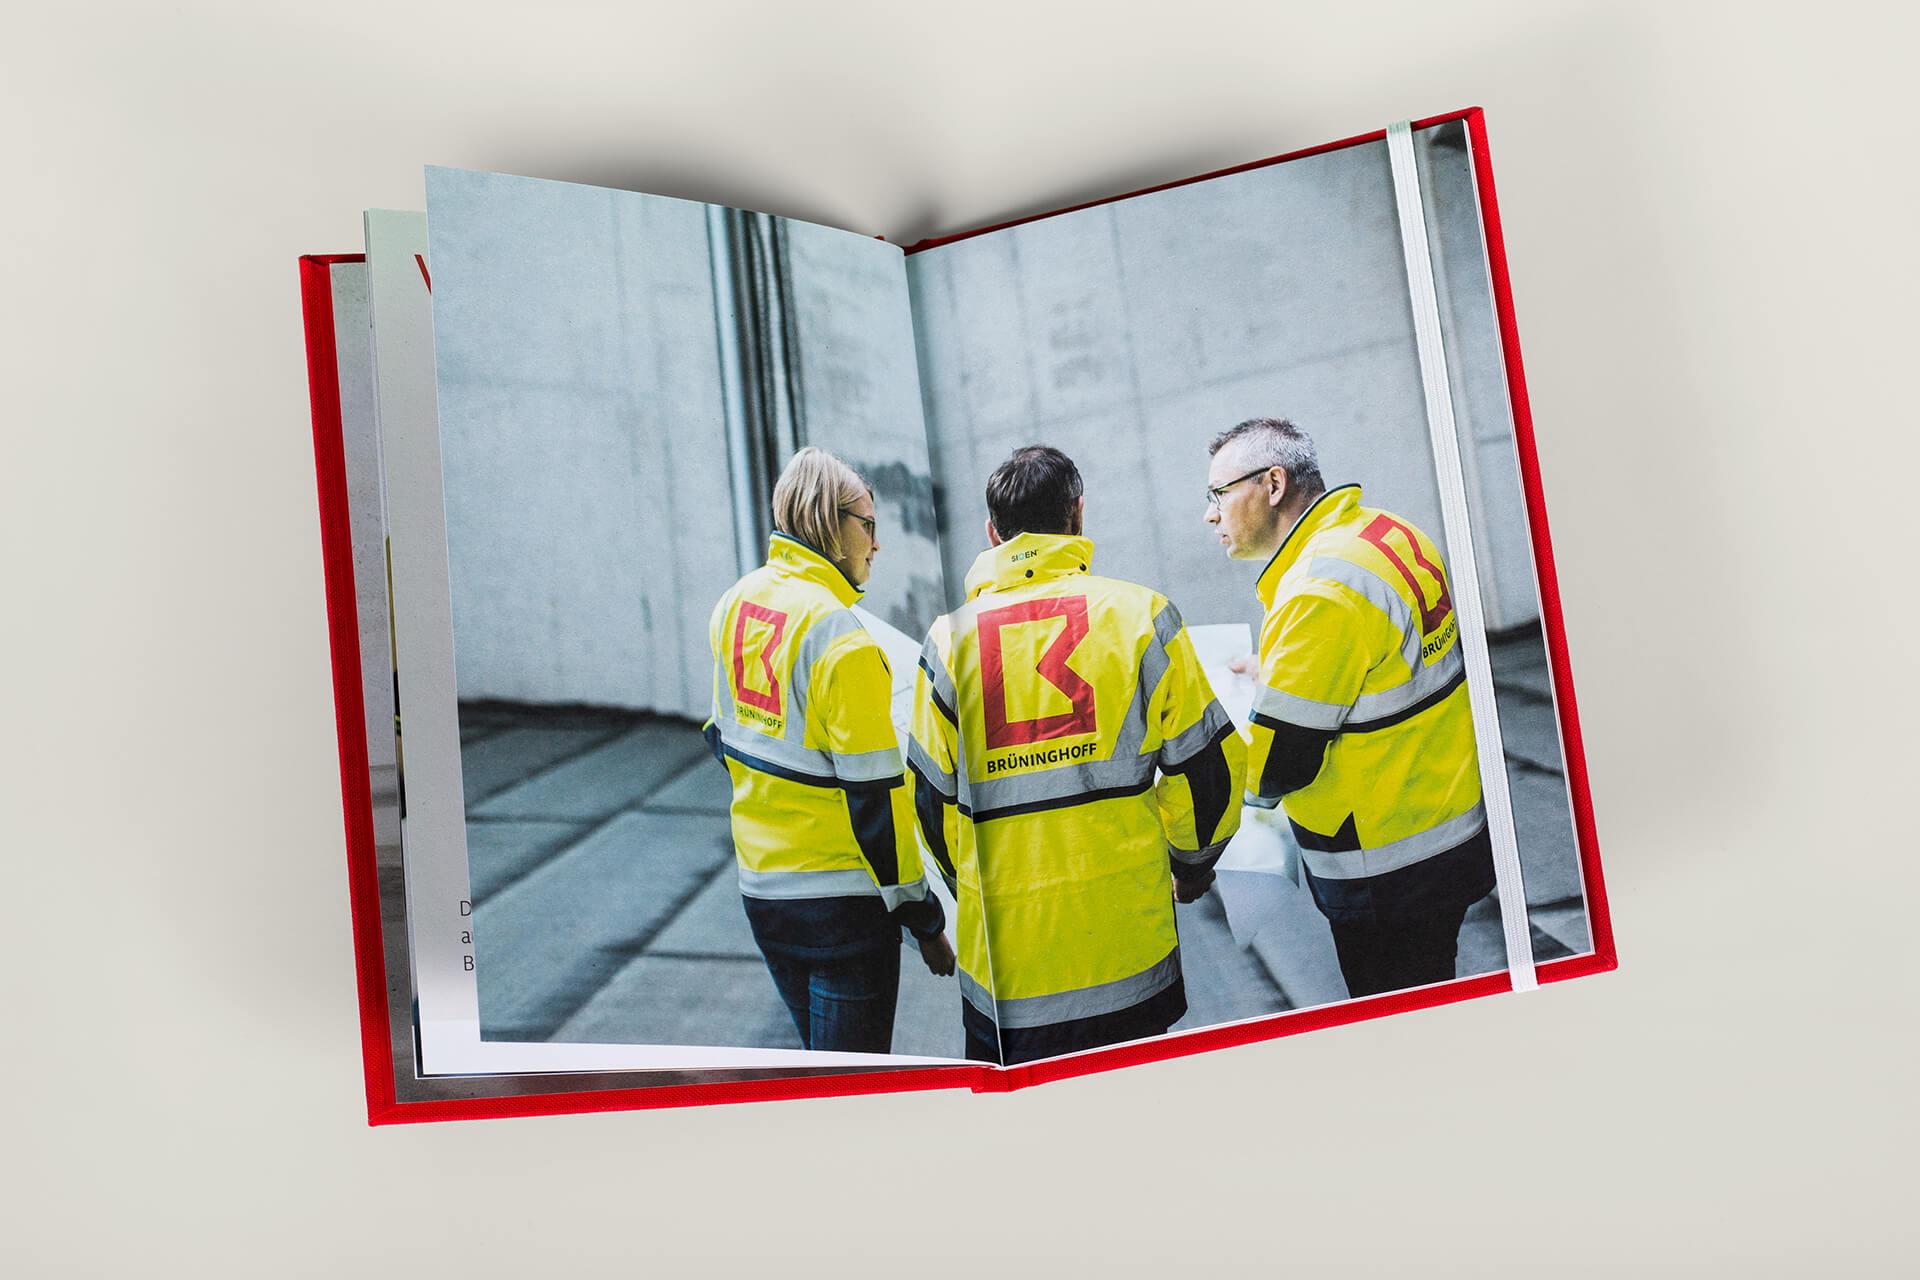 Vision, Mission, Werte: Ansicht Fotokonzept Innenseiten des Brandbook für Brüninghoff mit Prägung und Textilcover von der Corporate Design Agentur 31M